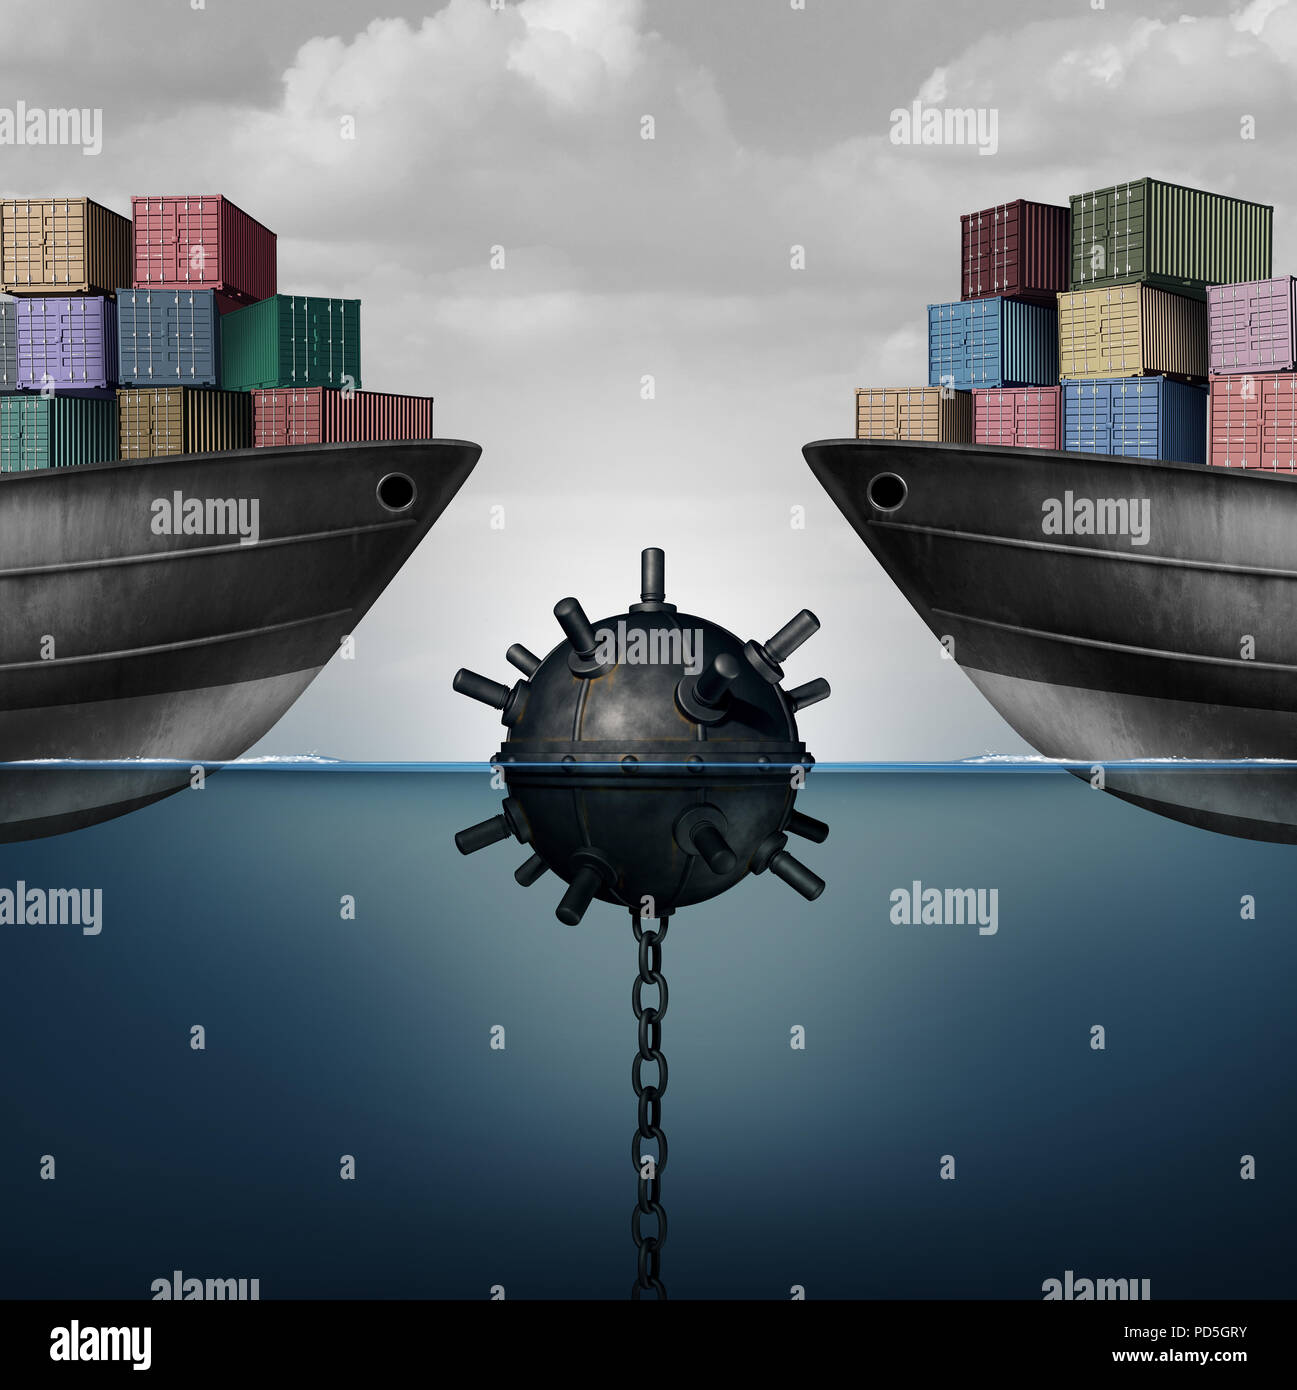 Attività pericolo come una miniera di mare mettendo a repentaglio il libero commercio e la politica economica come una corporate economia globale sfida dovuta alla politica. Immagini Stock